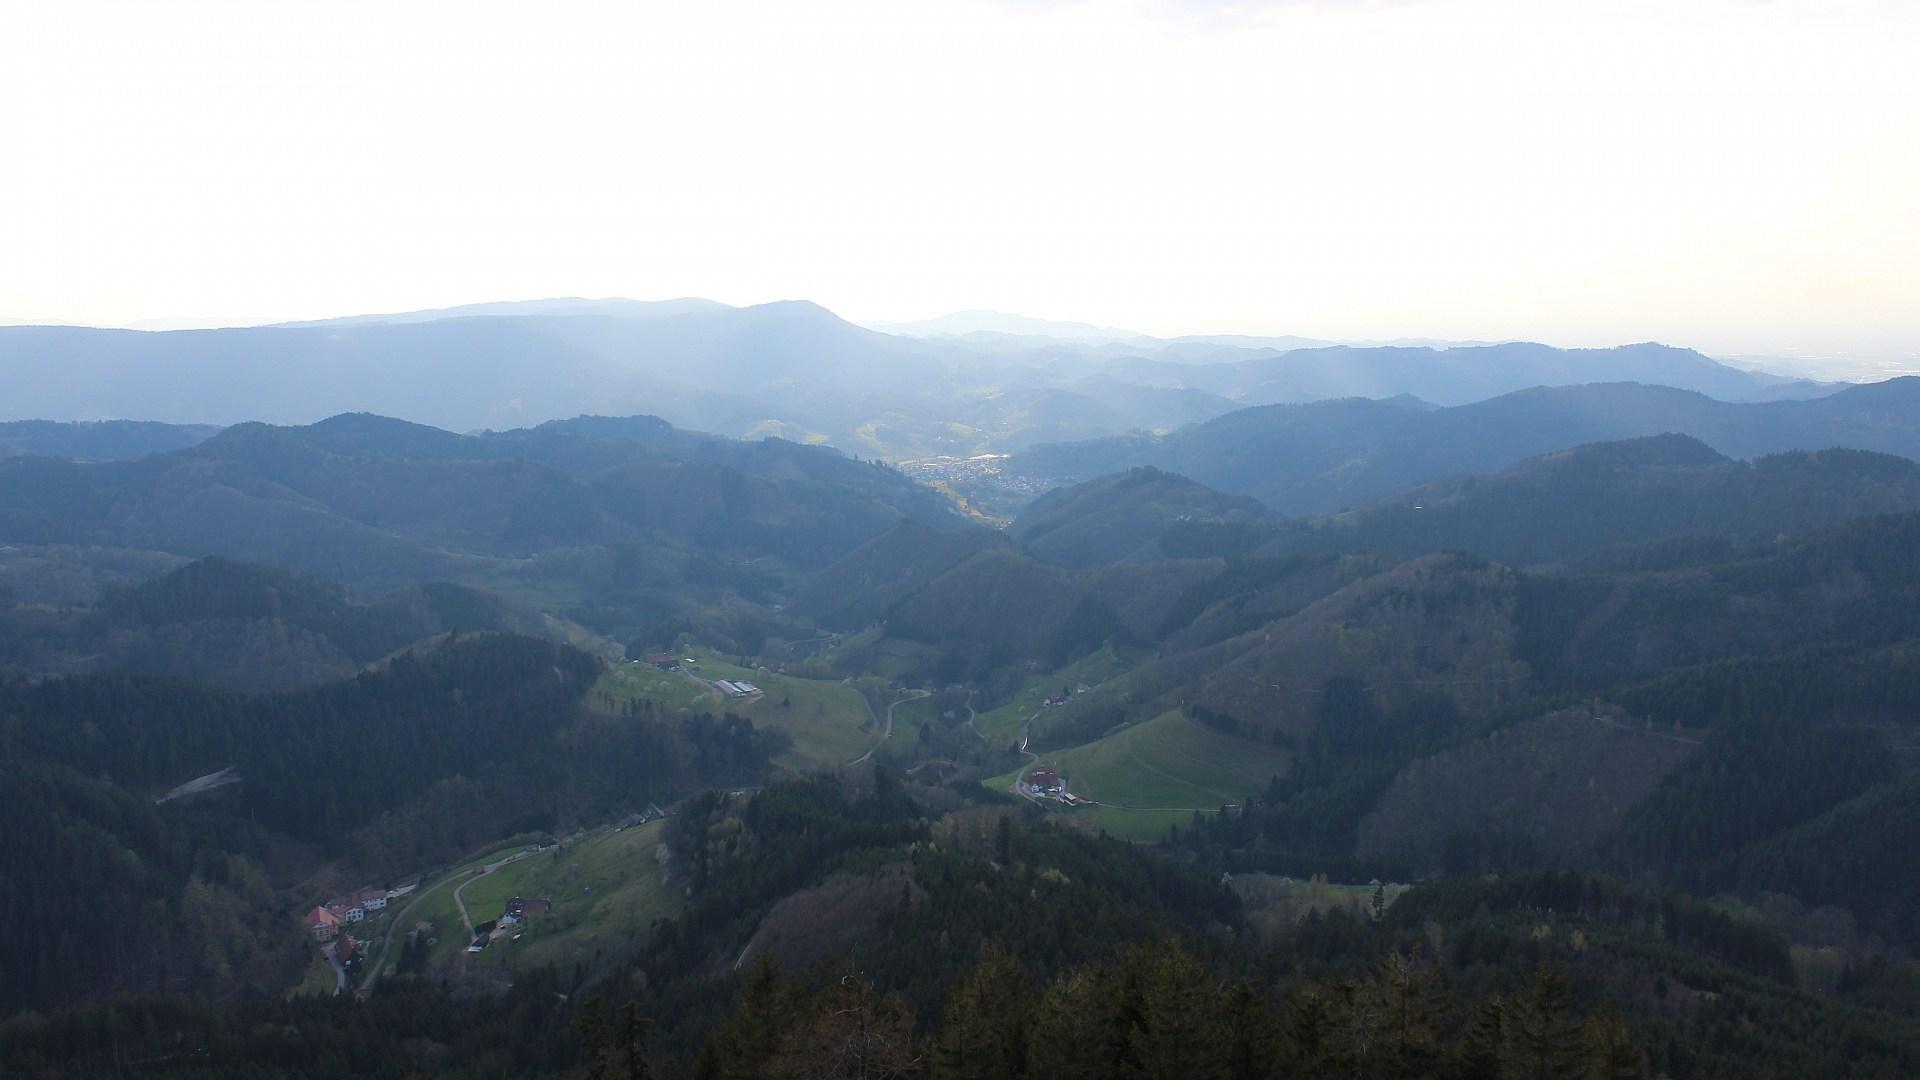 Aufnahme: Buchkopfturm vom 09.04.2020 18:10